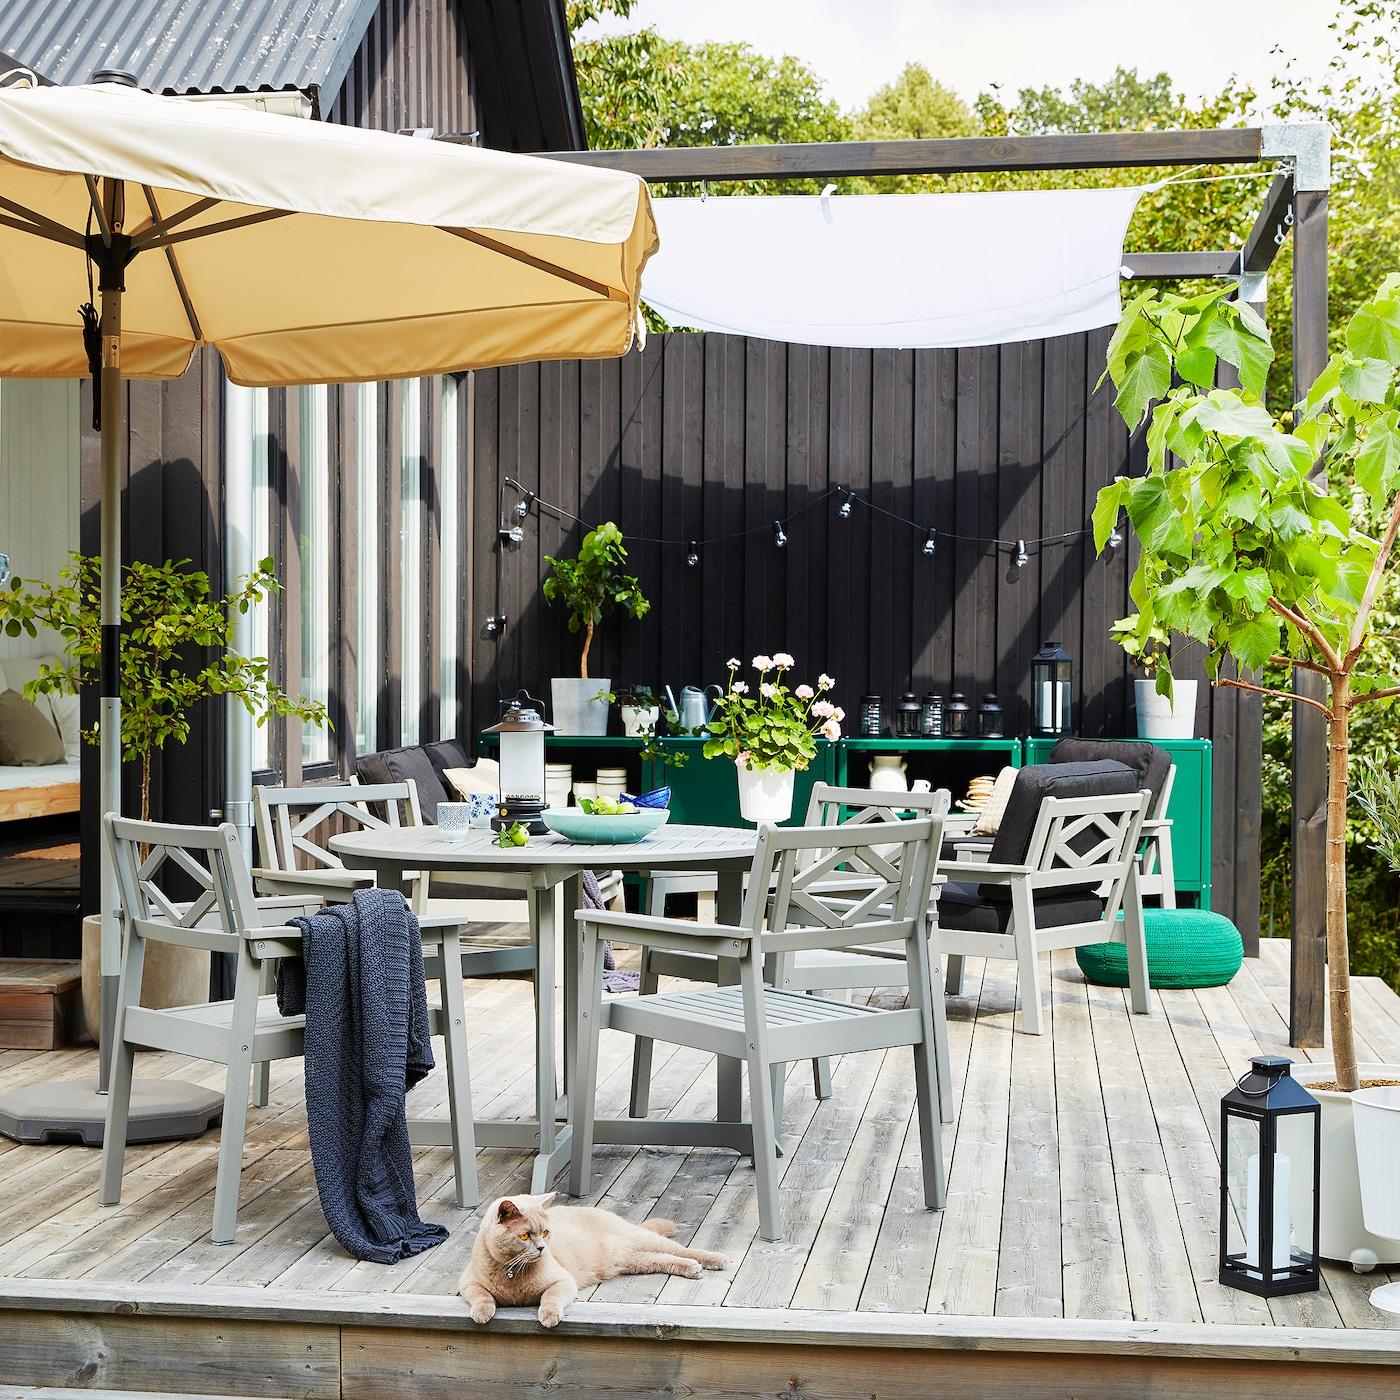 Kültéri terület, fapadlóval, bézs napernyővel, szürke kültéri bútorokkal, zöld fákkal és szürke/narancssárga macskával.